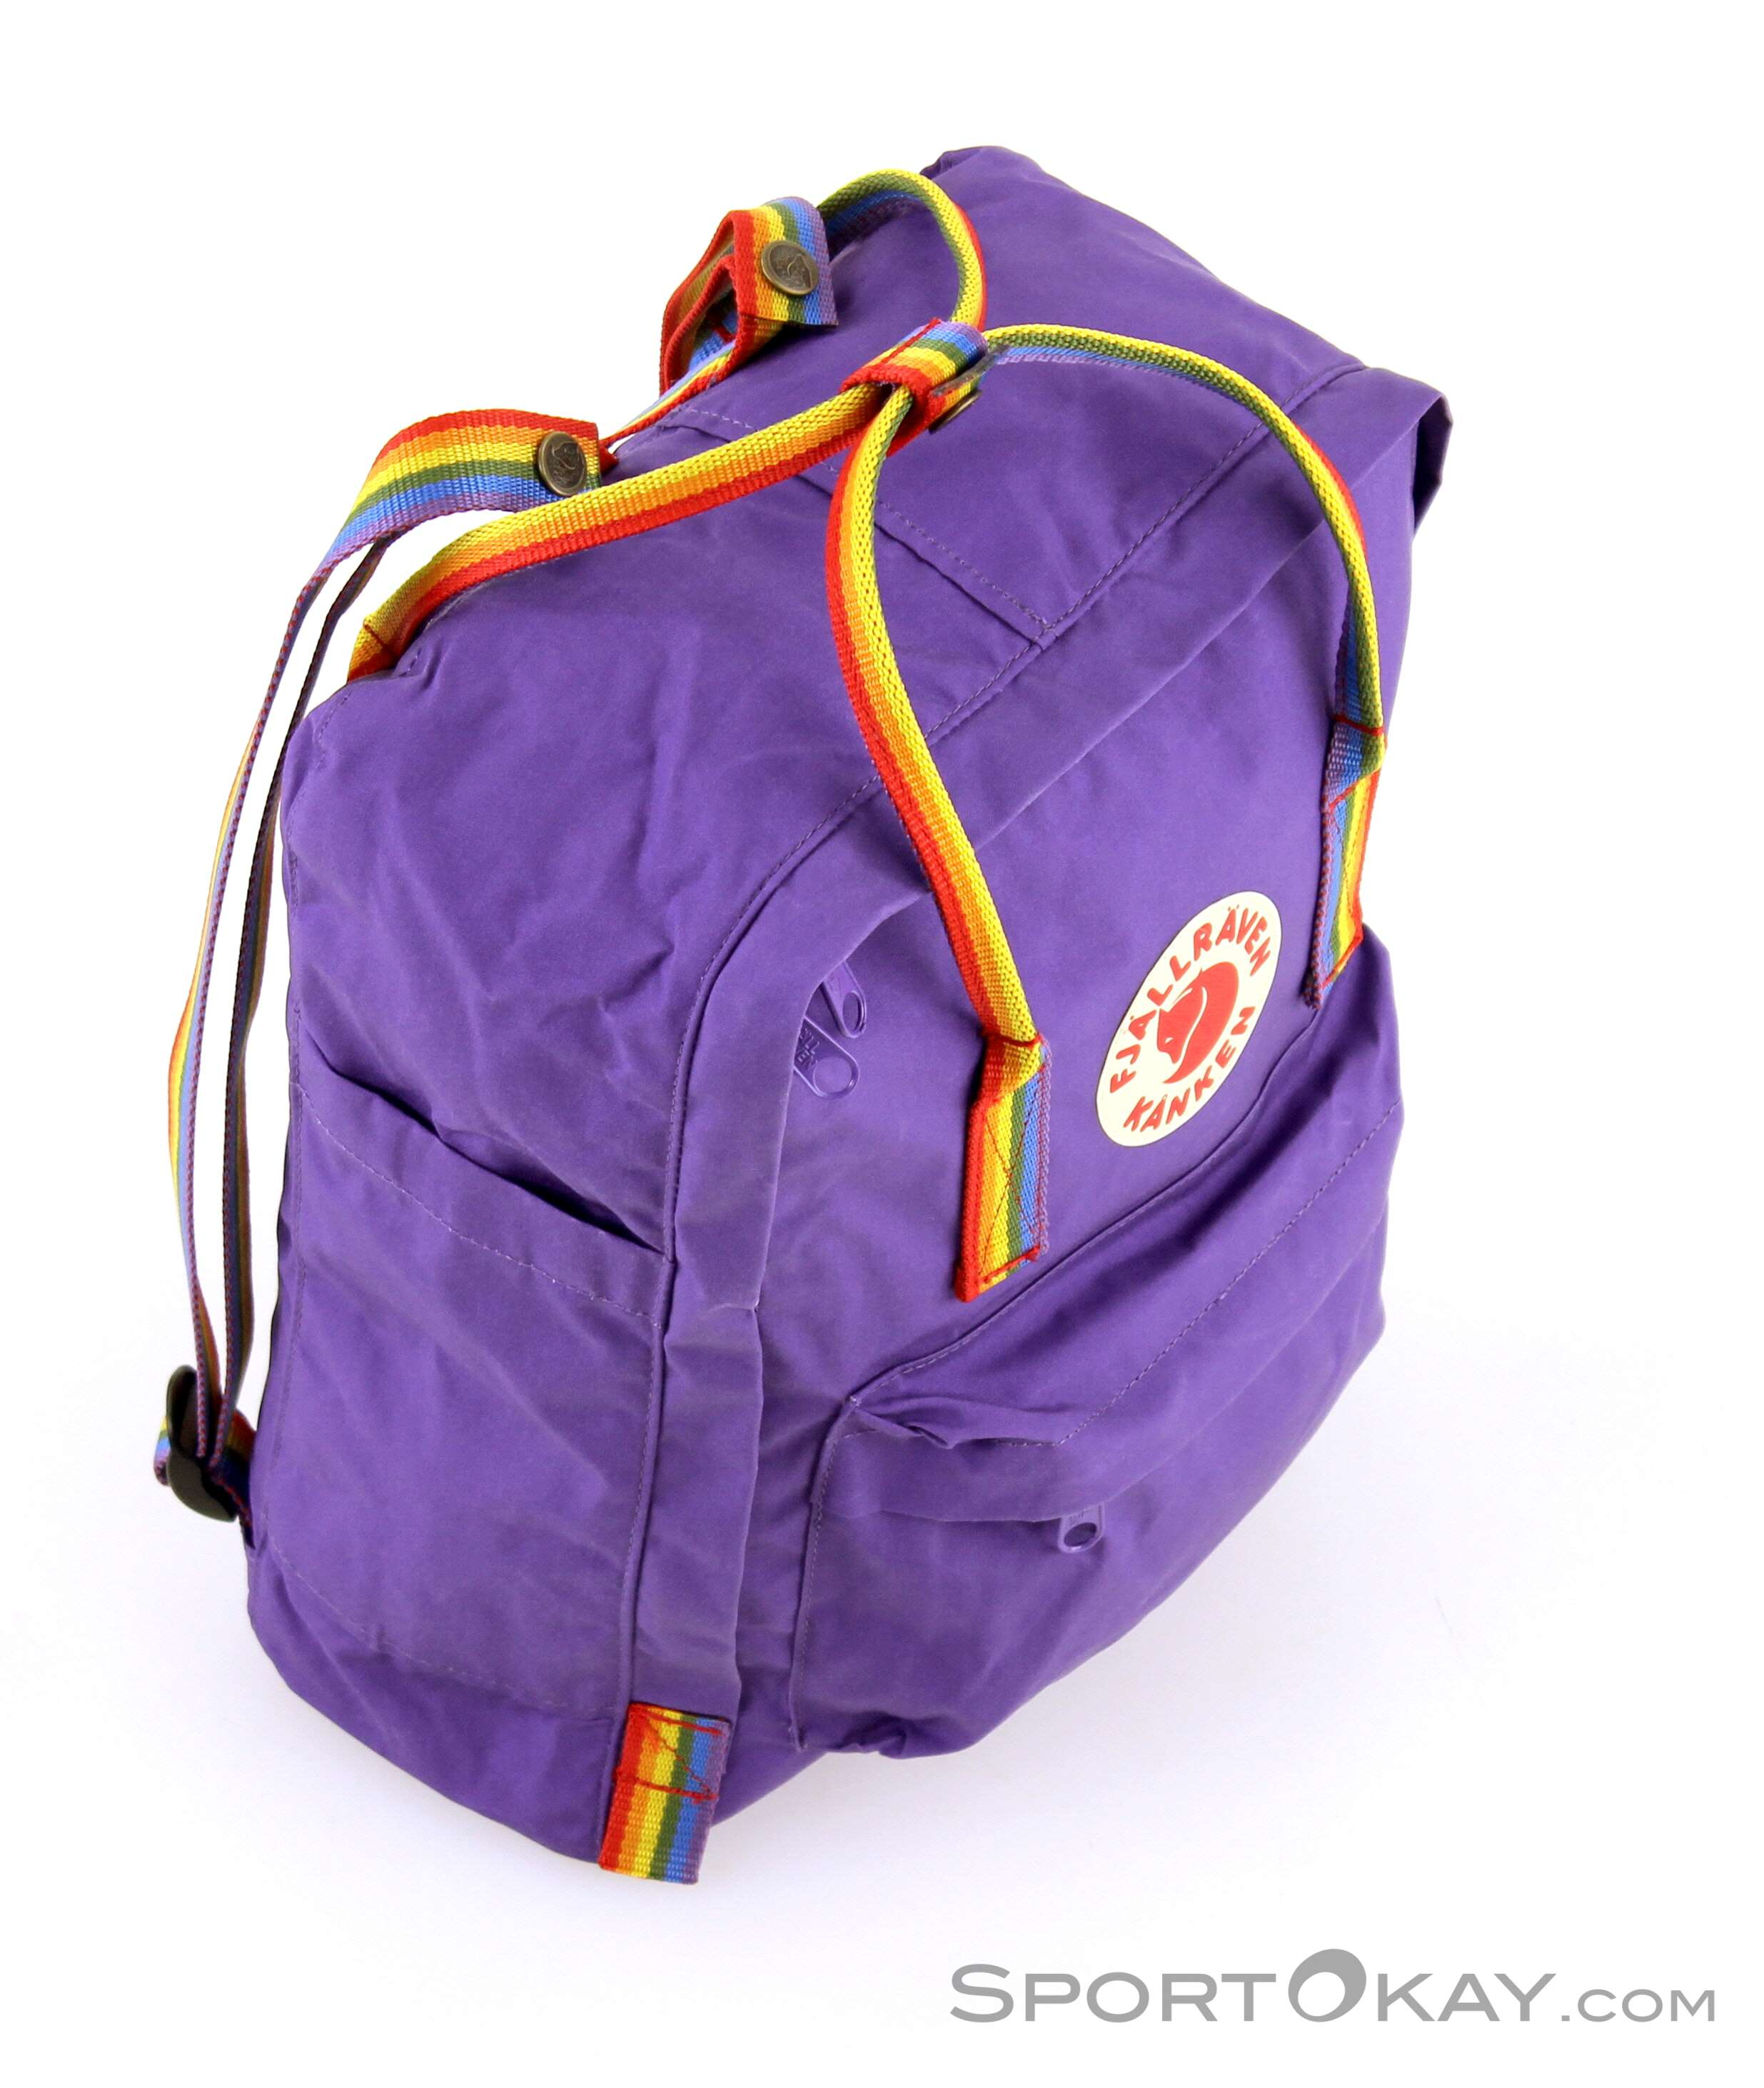 5b190611b41 Fjällräven Fjällräven Kanken Rainbow 16l Backpack